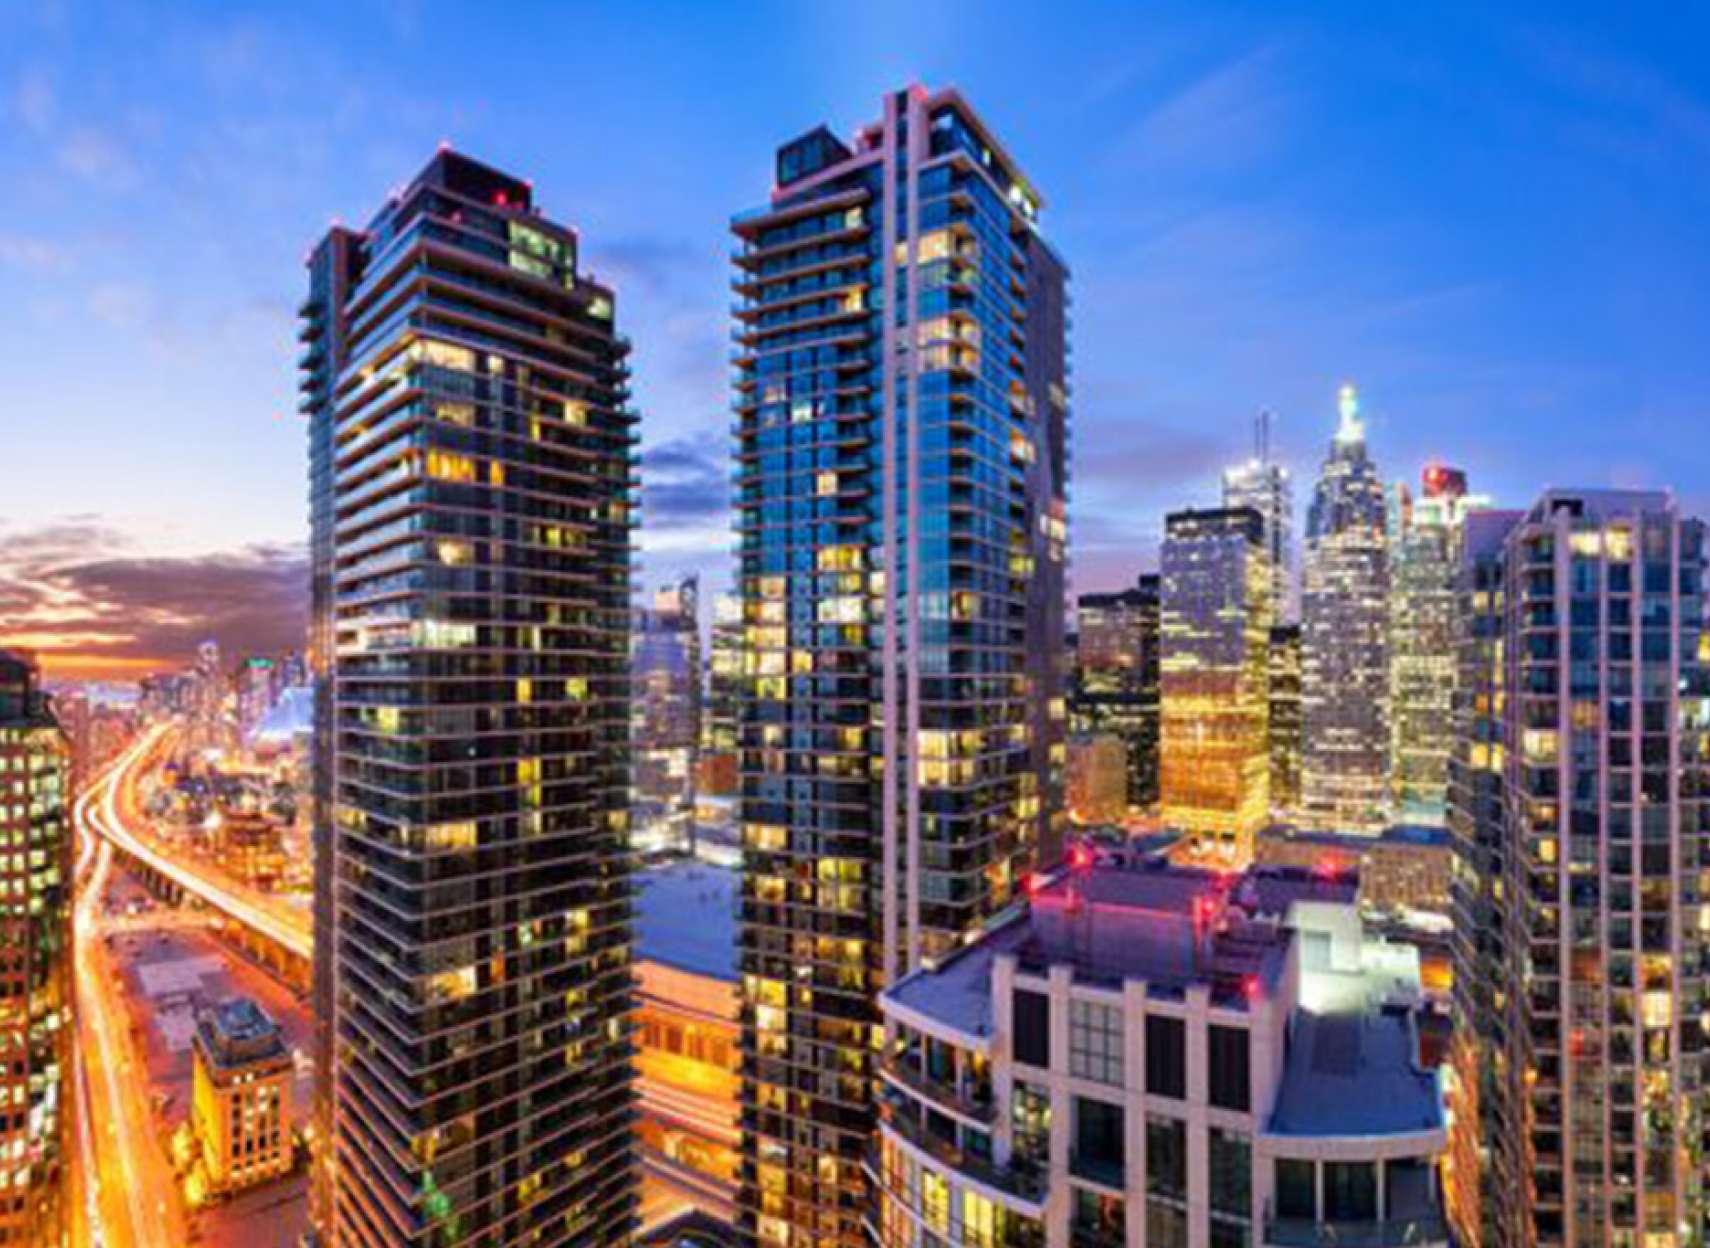 اخبار-کانادا-سقوط-قیمت-املاک-ونکوور-و-جهش-آن-در-تورنتو